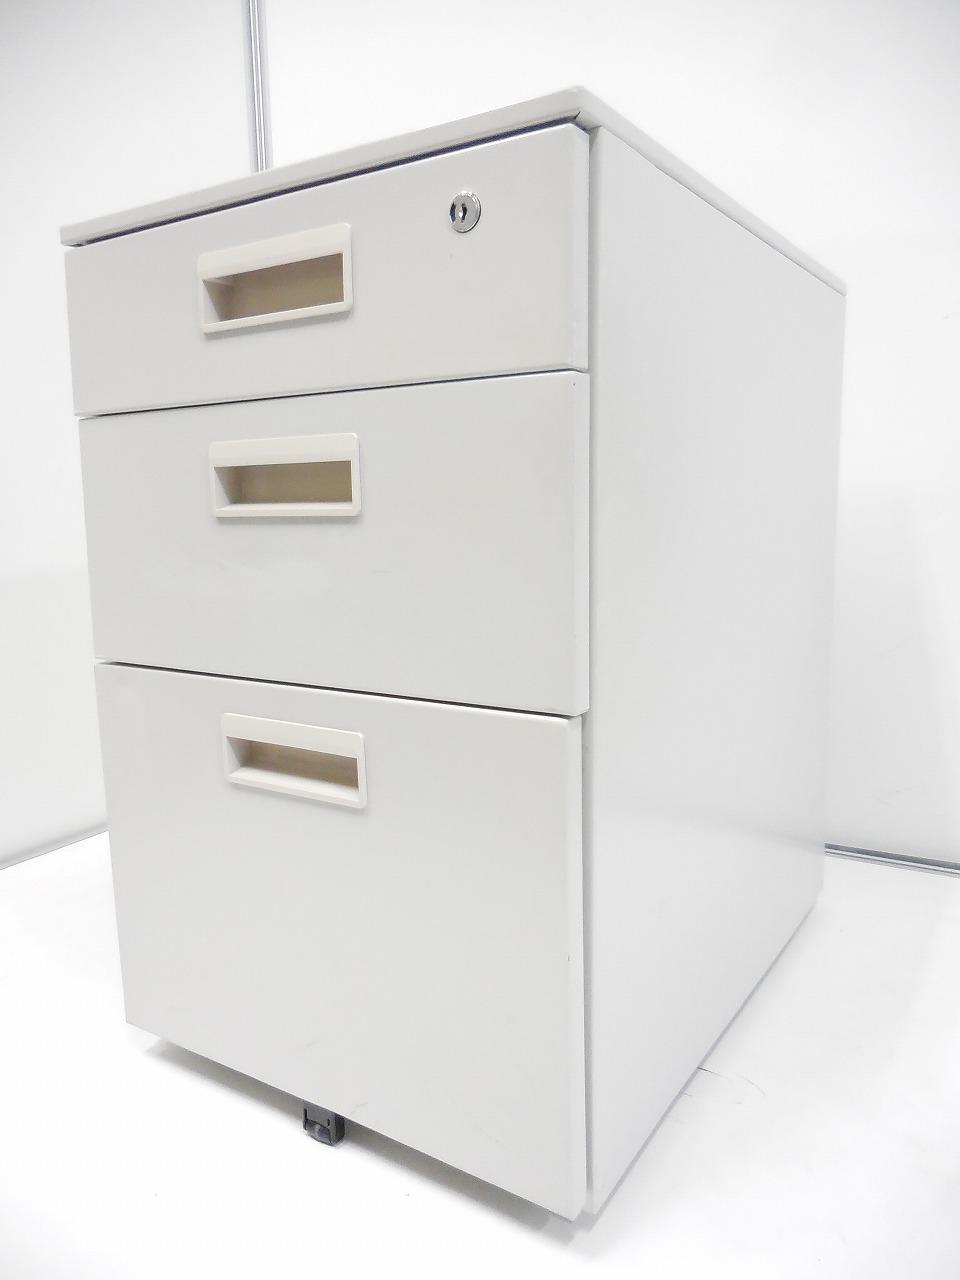 【2台のみの緊急入荷!】安い書類、ファイルの収納をお探しの方、必見!